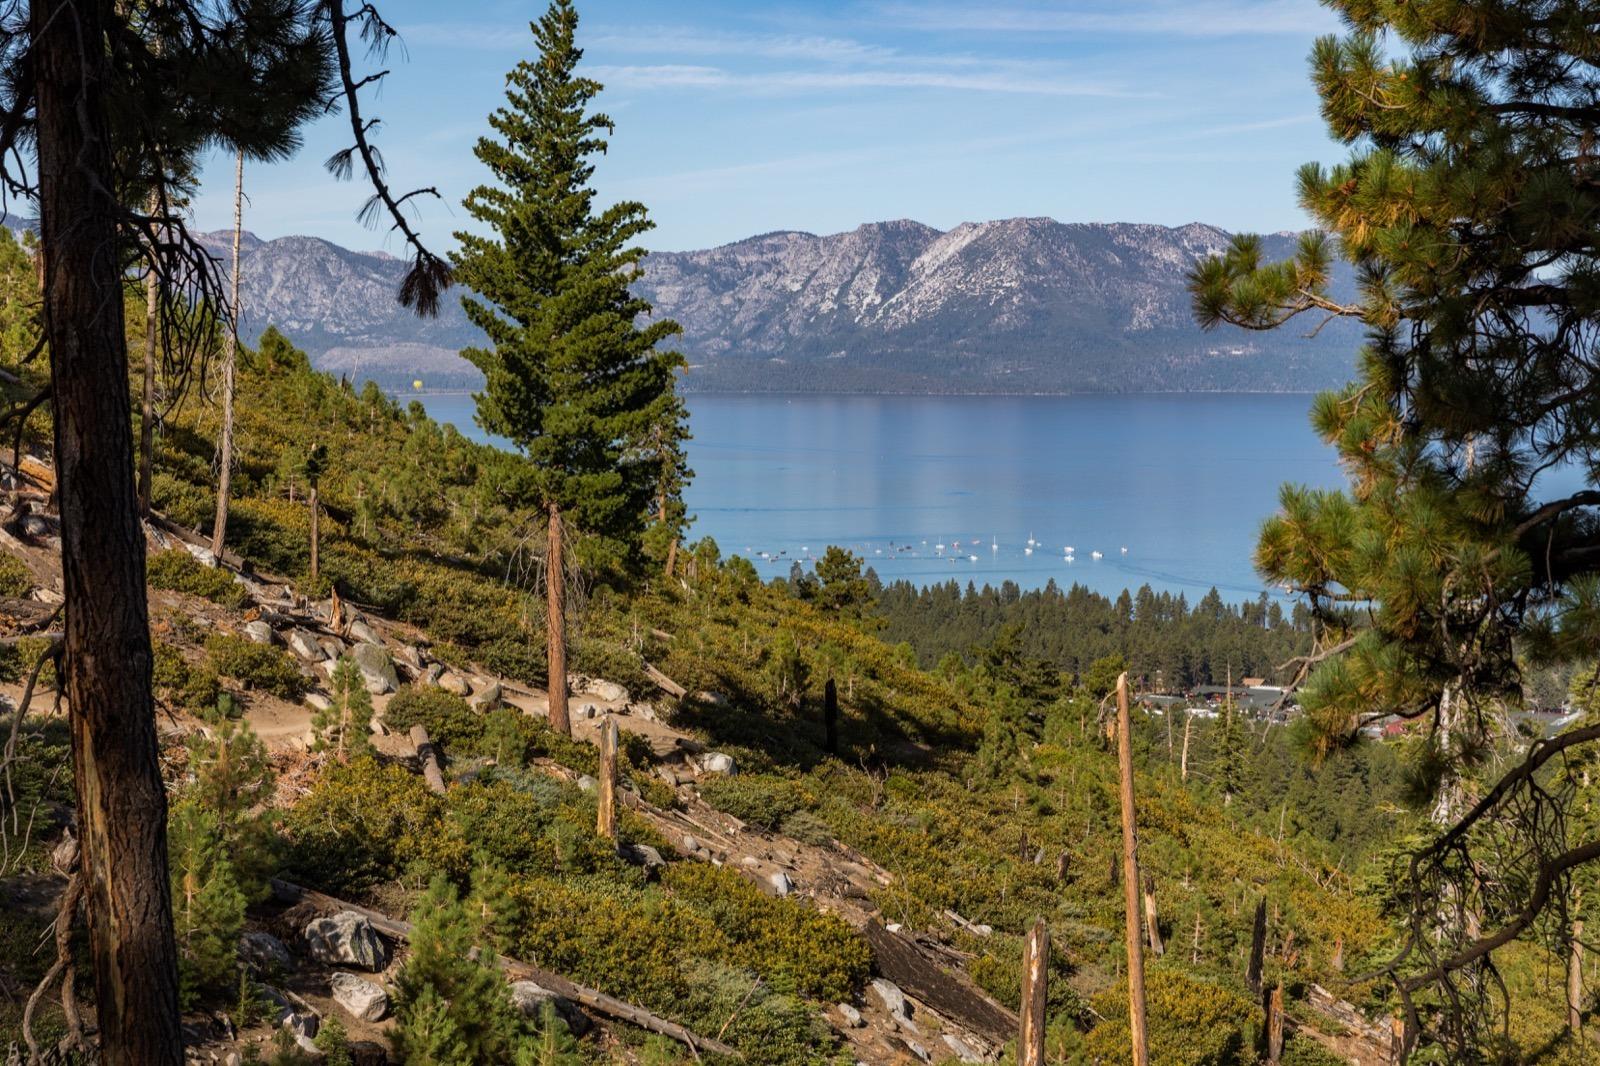 california-high-sierra-south-lake-tahoe-hiking-van-sickle-state-park-3